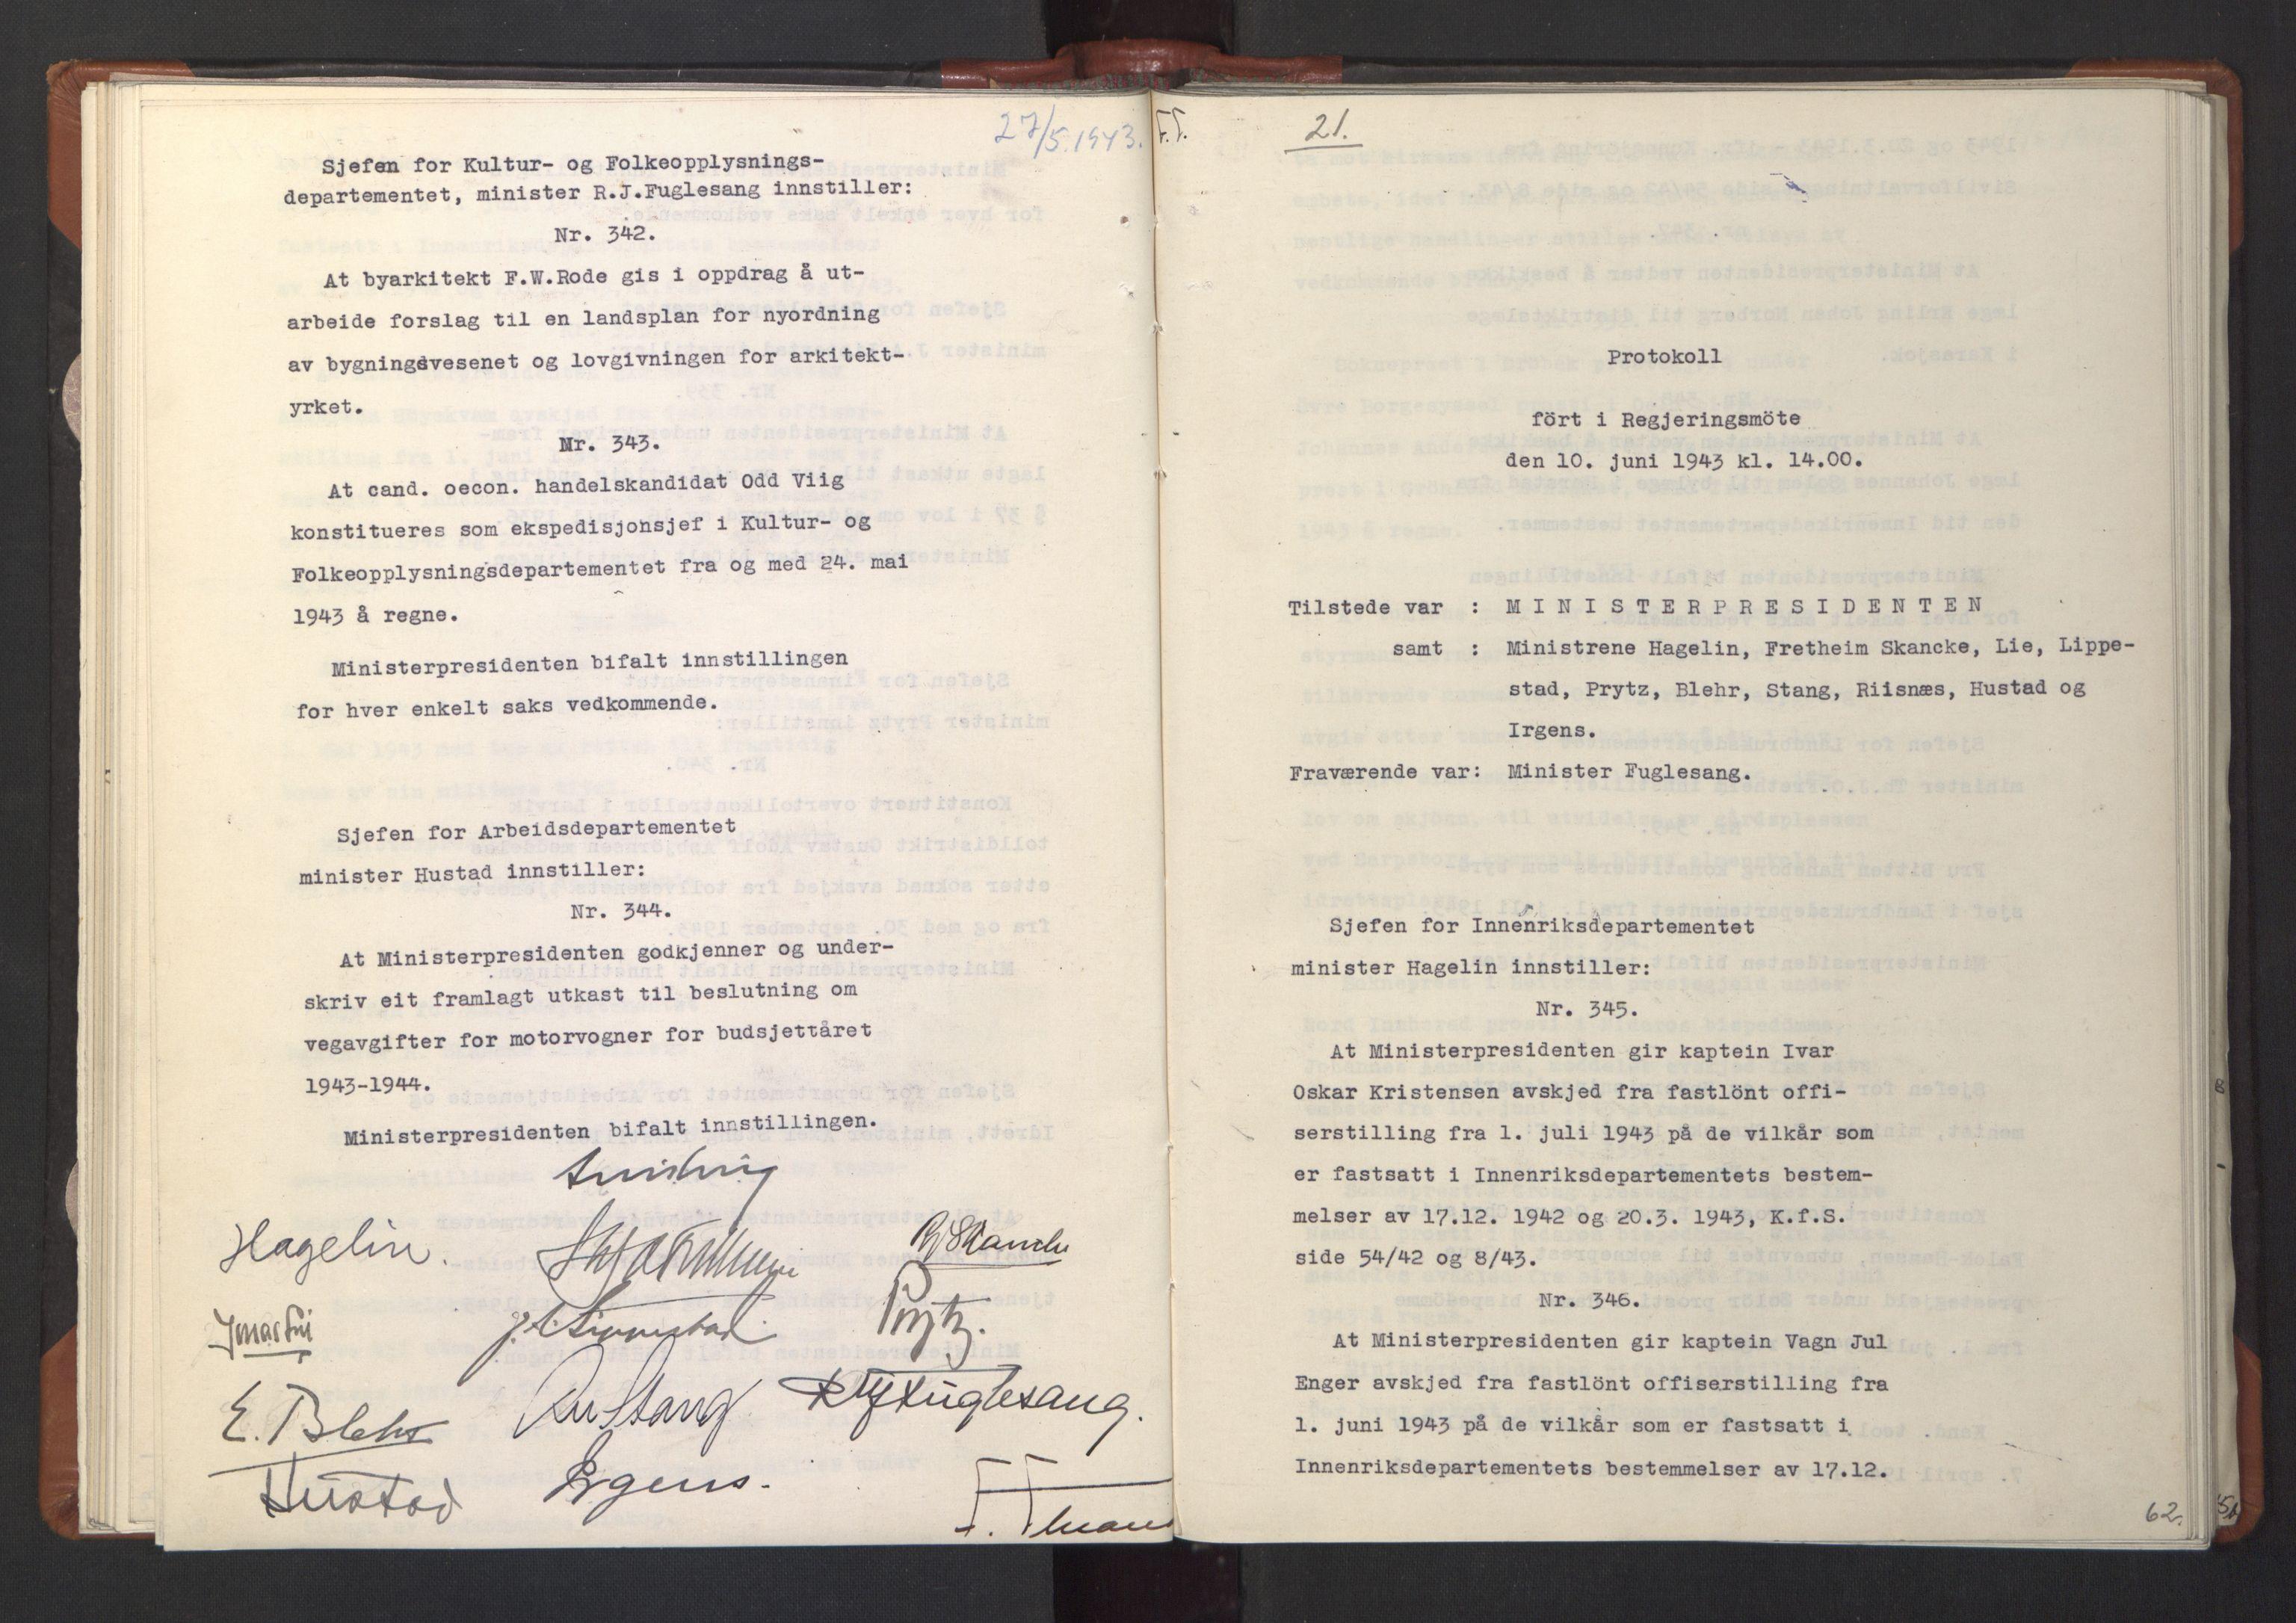 RA, NS-administrasjonen 1940-1945 (Statsrådsekretariatet, de kommisariske statsråder mm), D/Da/L0003: Vedtak (Beslutninger) nr. 1-746 og tillegg nr. 1-47 (RA. j.nr. 1394/1944, tilgangsnr. 8/1944, 1943, s. 61b-62a